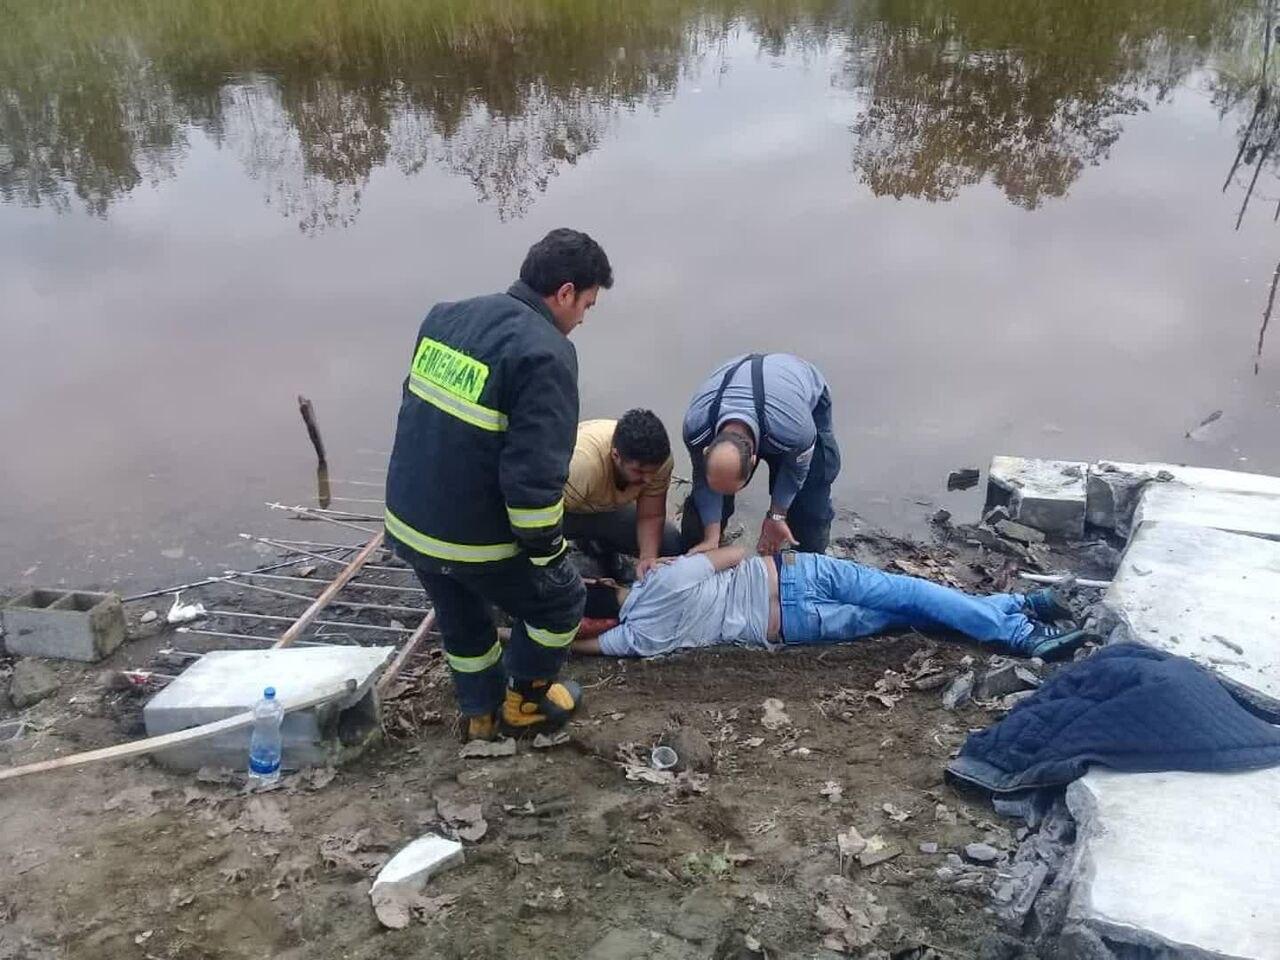 سقوط دیوار بتنی جان ماهیگیر جوان را در انزلی گرفت